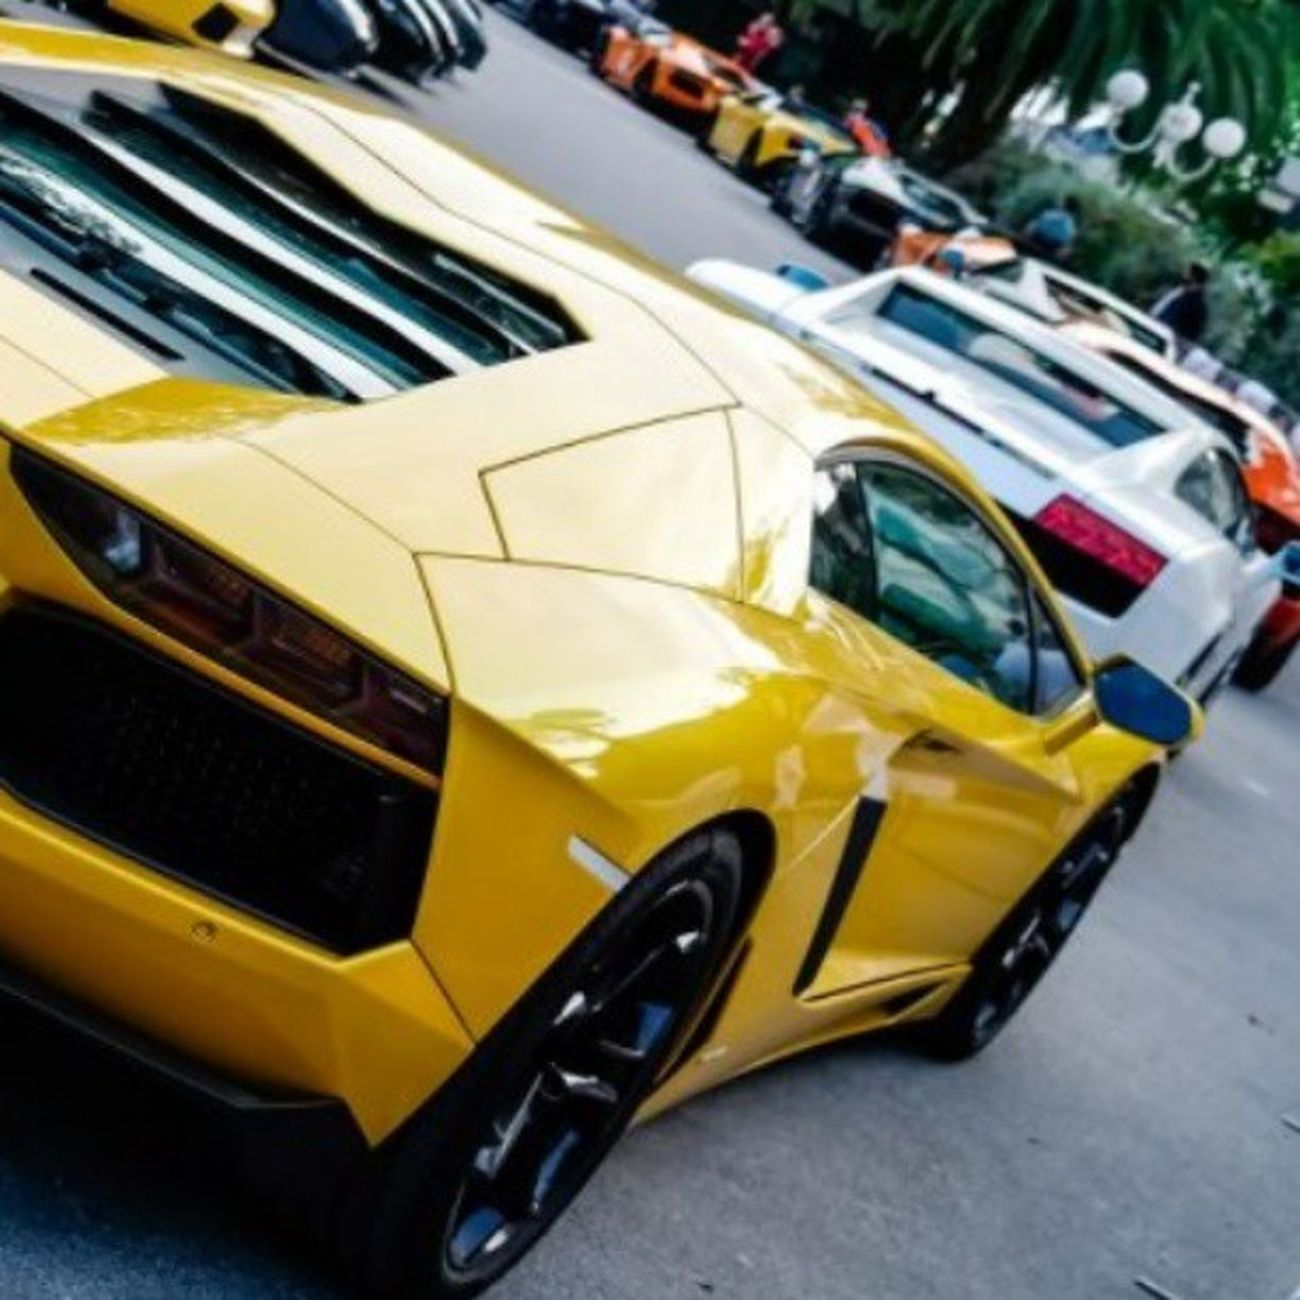 Lamborghini Auto Automobile Automobili macchina macchine car cars supercar supercars freno ruota tire cerchione race corsa corse fortedeimarmi dream sogno